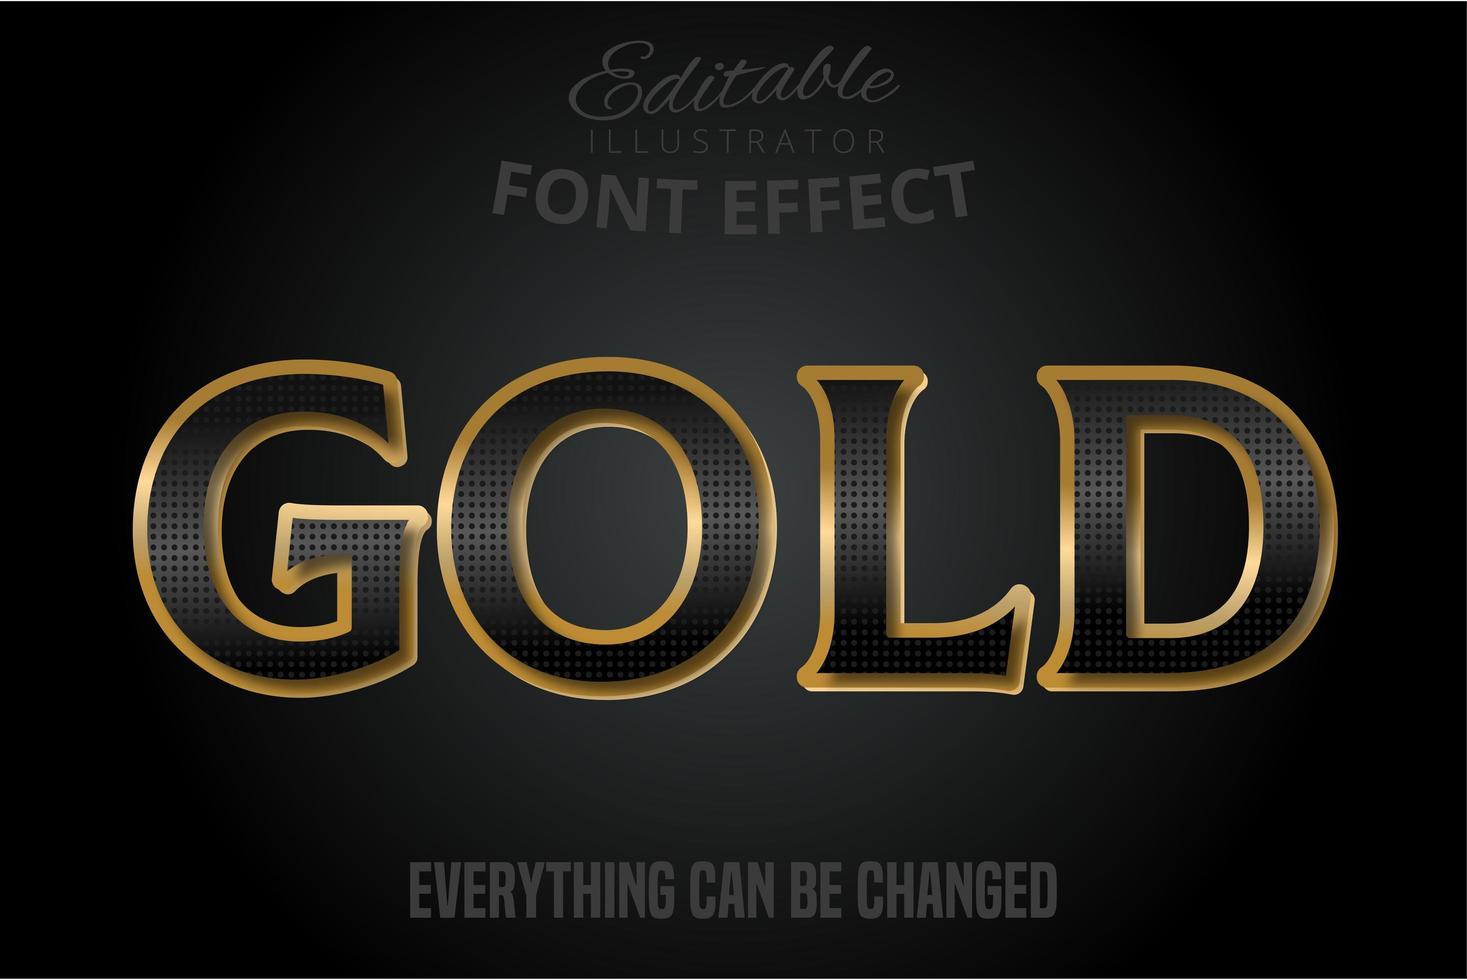 effetto testo motivo nero con estrusione oro vettore